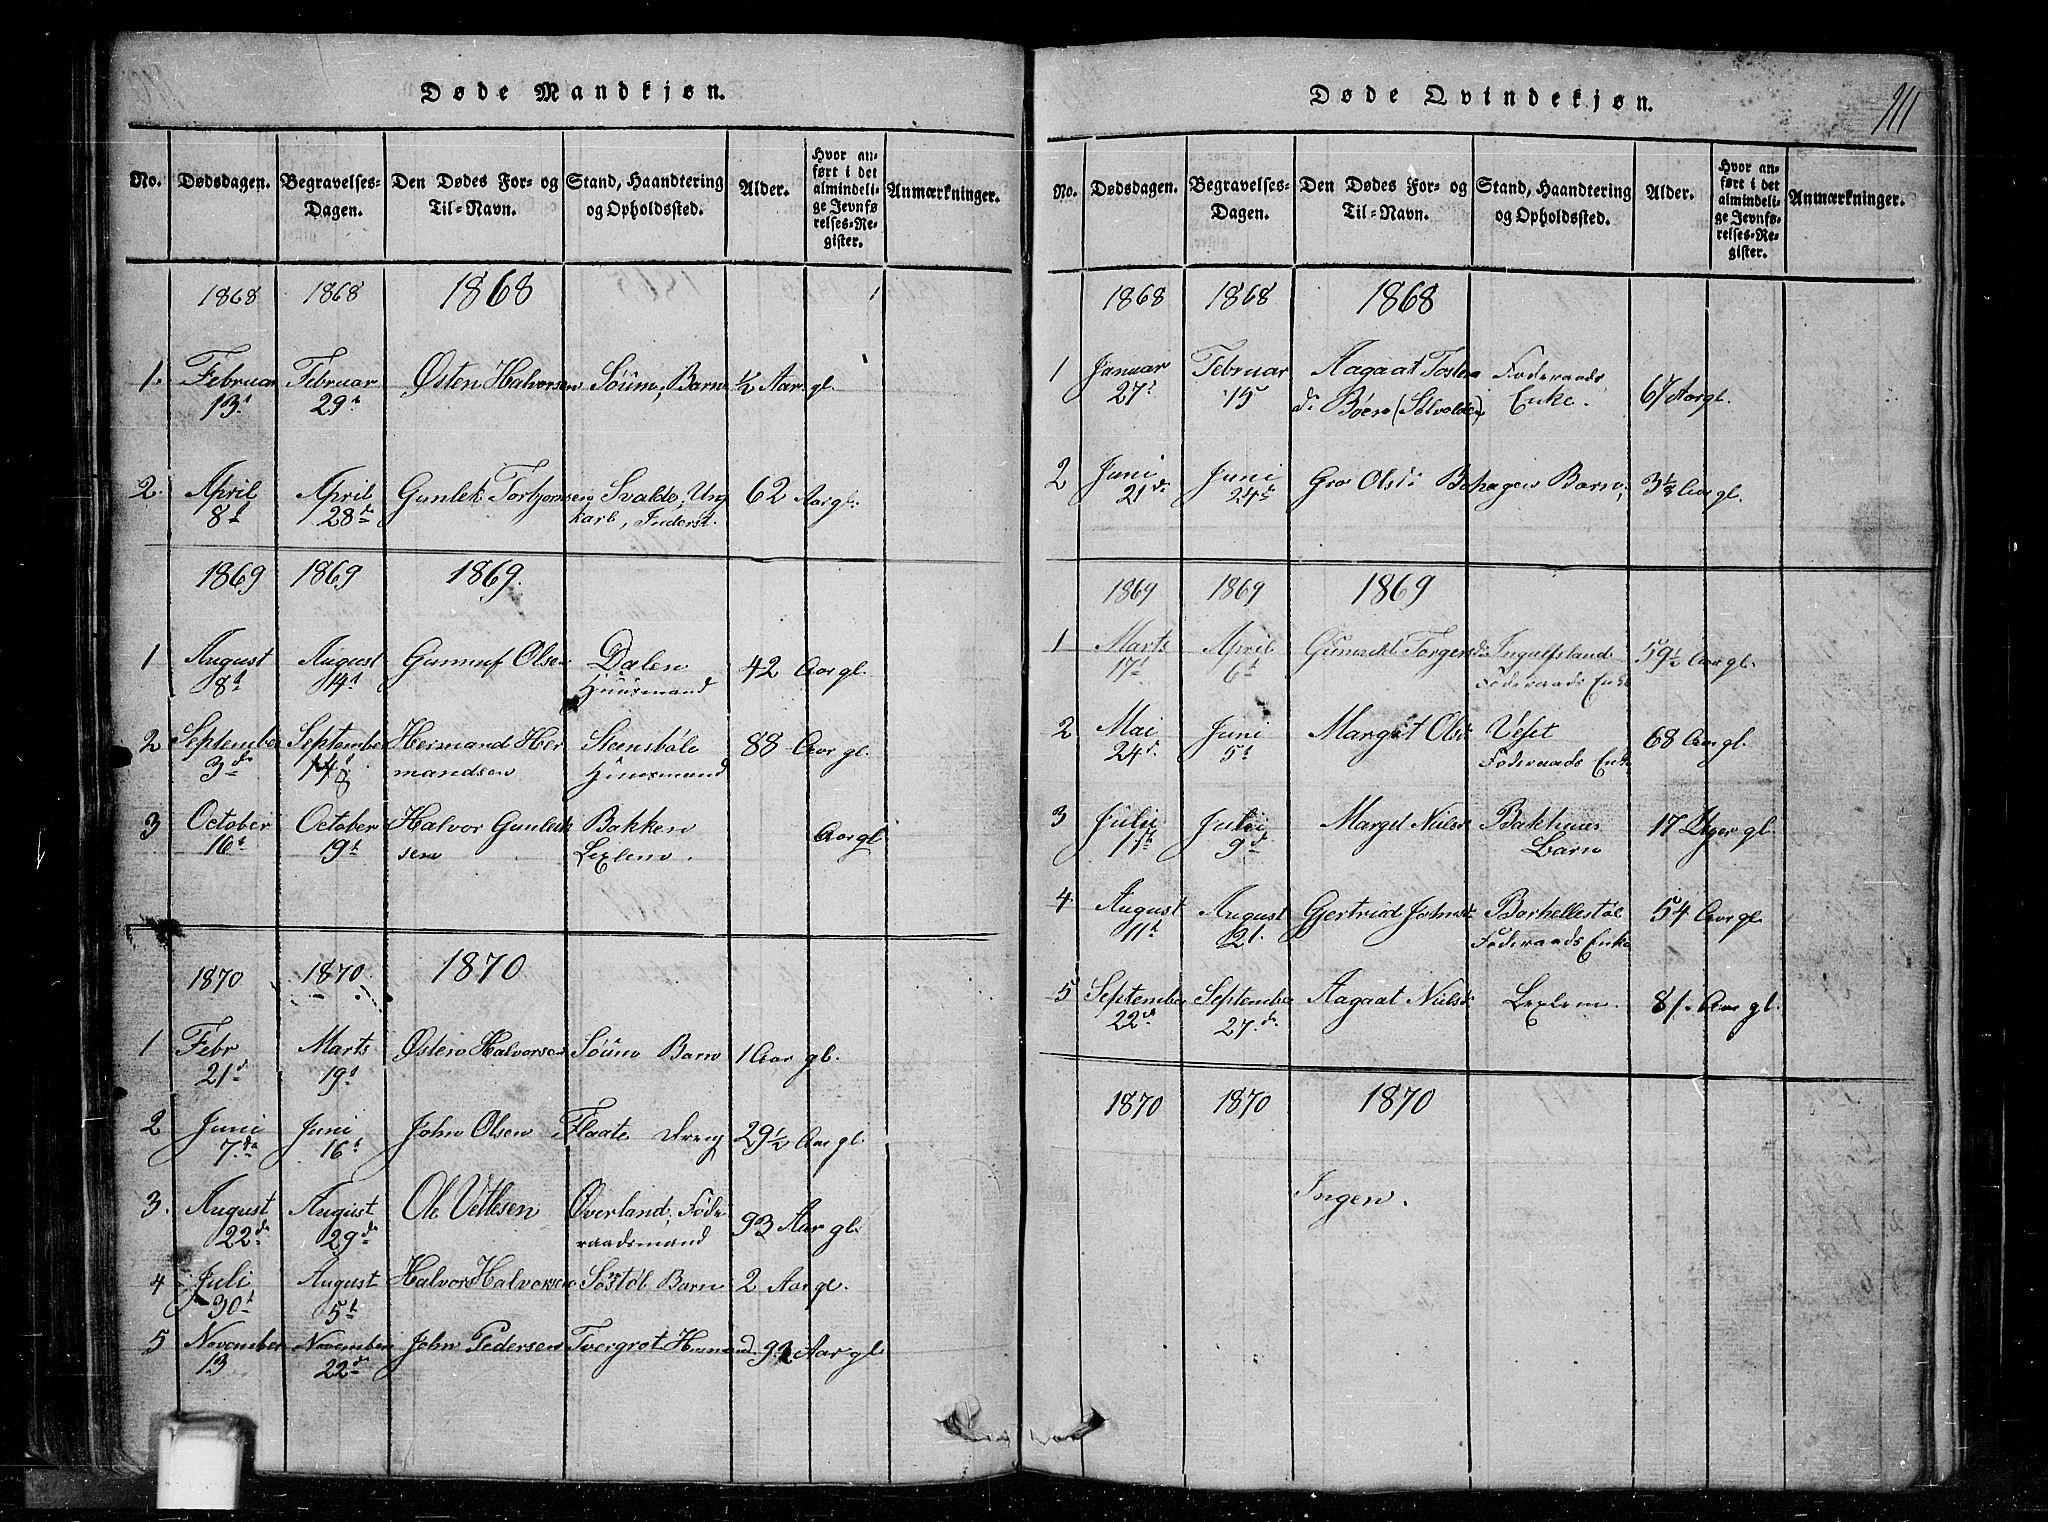 SAKO, Tinn kirkebøker, G/Gc/L0001: Klokkerbok nr. III 1, 1815-1879, s. 111